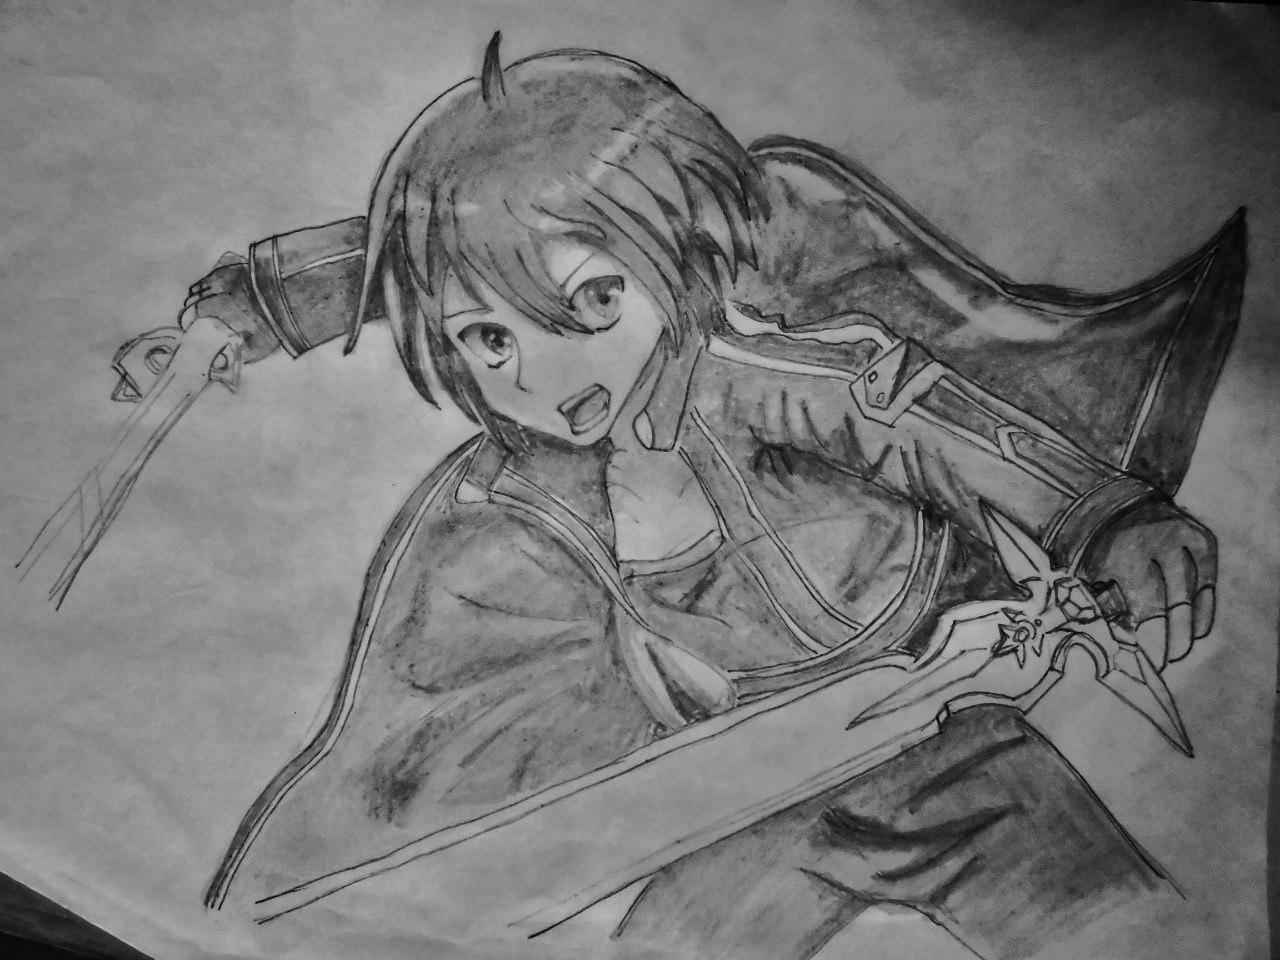 Рисуем Кадзуто Киригая с двумя мечами карандашами - шаг 7